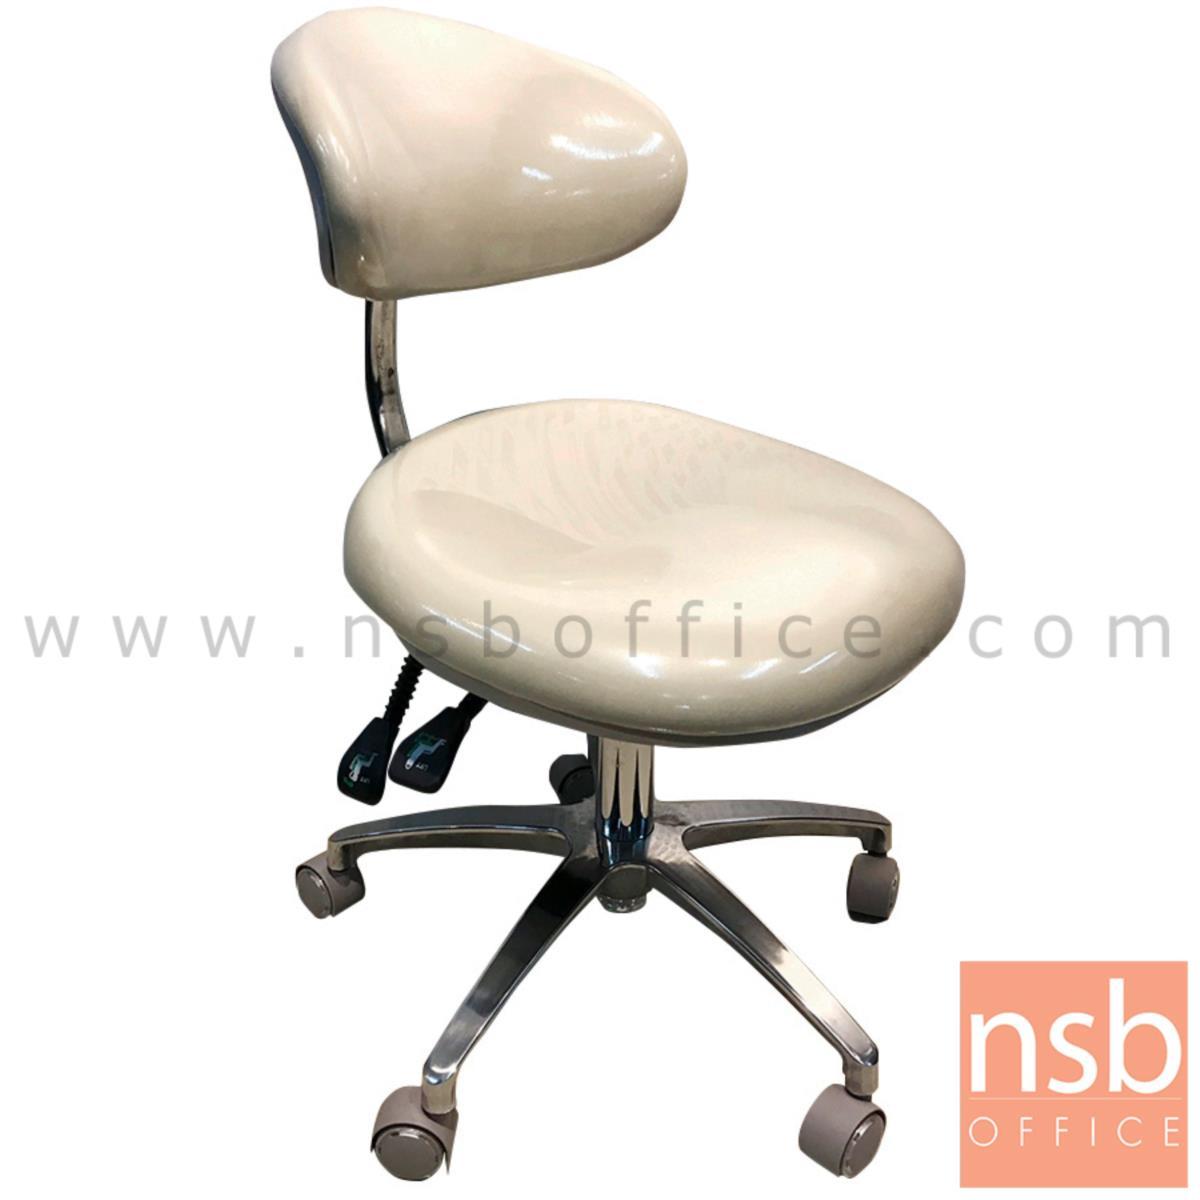 B09A206:เก้าอี้สำหรับผู้มีอาการปวดหลัง ปรับล็อกเอนได้ หุ้มหนัง รุ่น Purcell (เพอร์เซลล์)  ขาอลูมิเนียม ลูกล้อเก็บเสียง